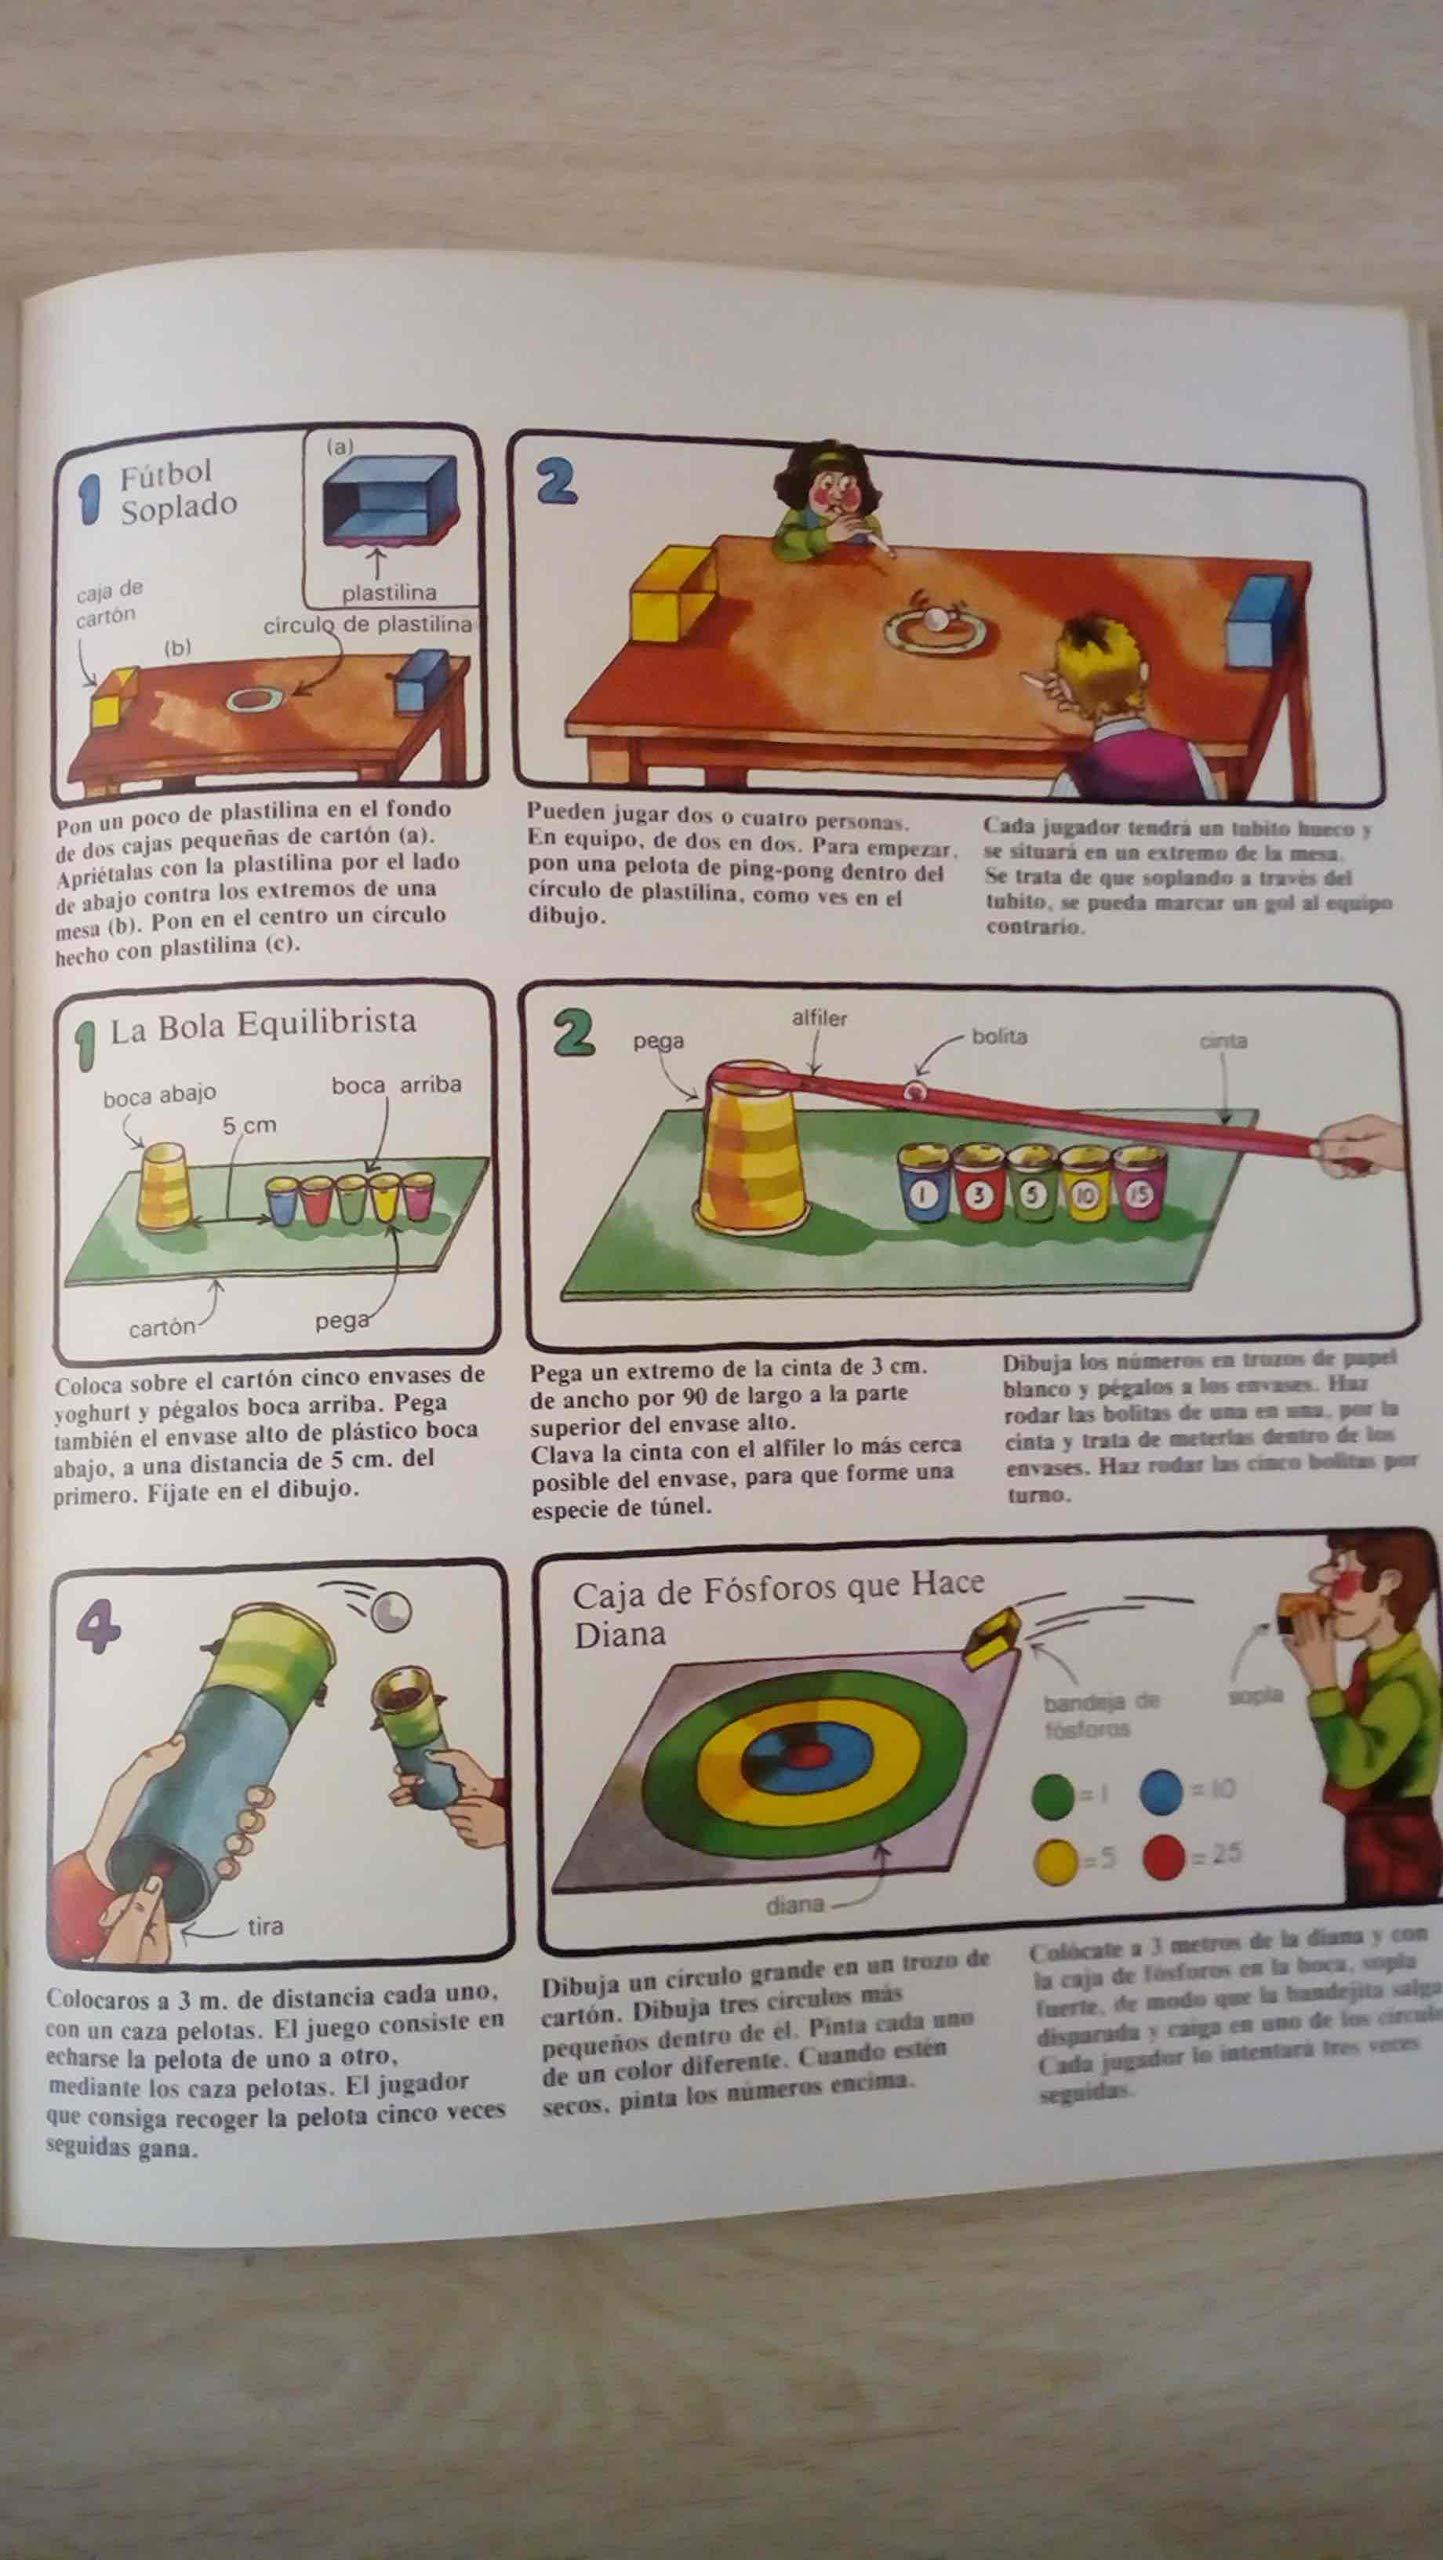 Como Hacer Juegos De Accion: Amazon.es: Civardi,Anne: Libros en idiomas extranjeros